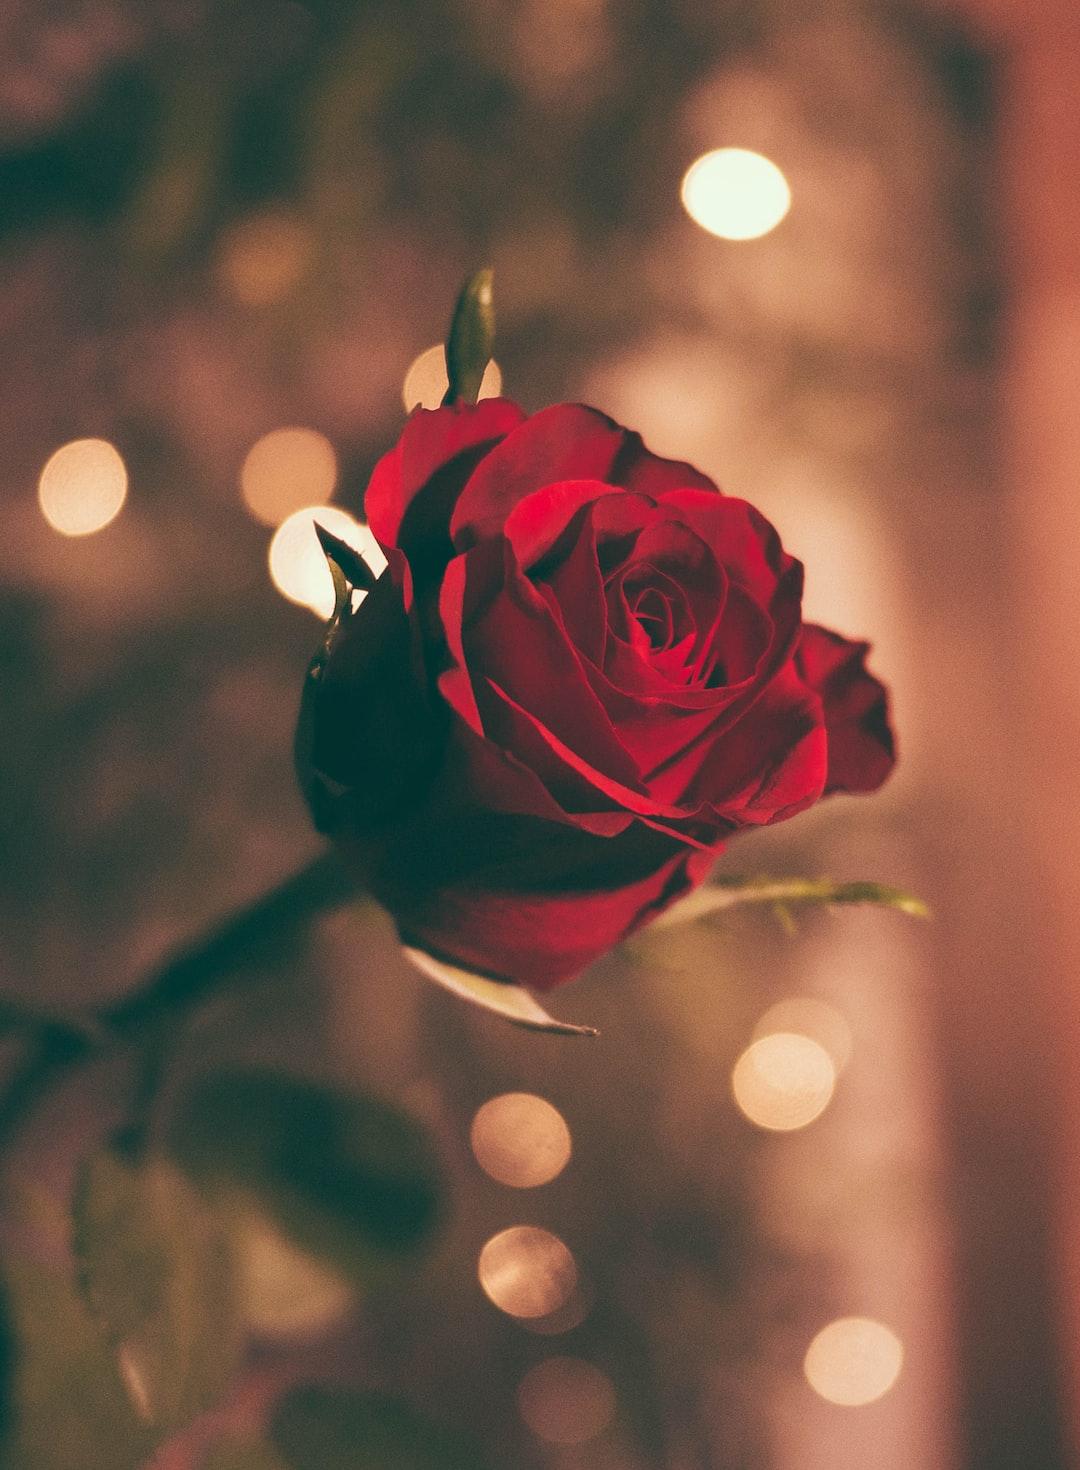 Die 40 Besten Rose Witze Schlechte Witze